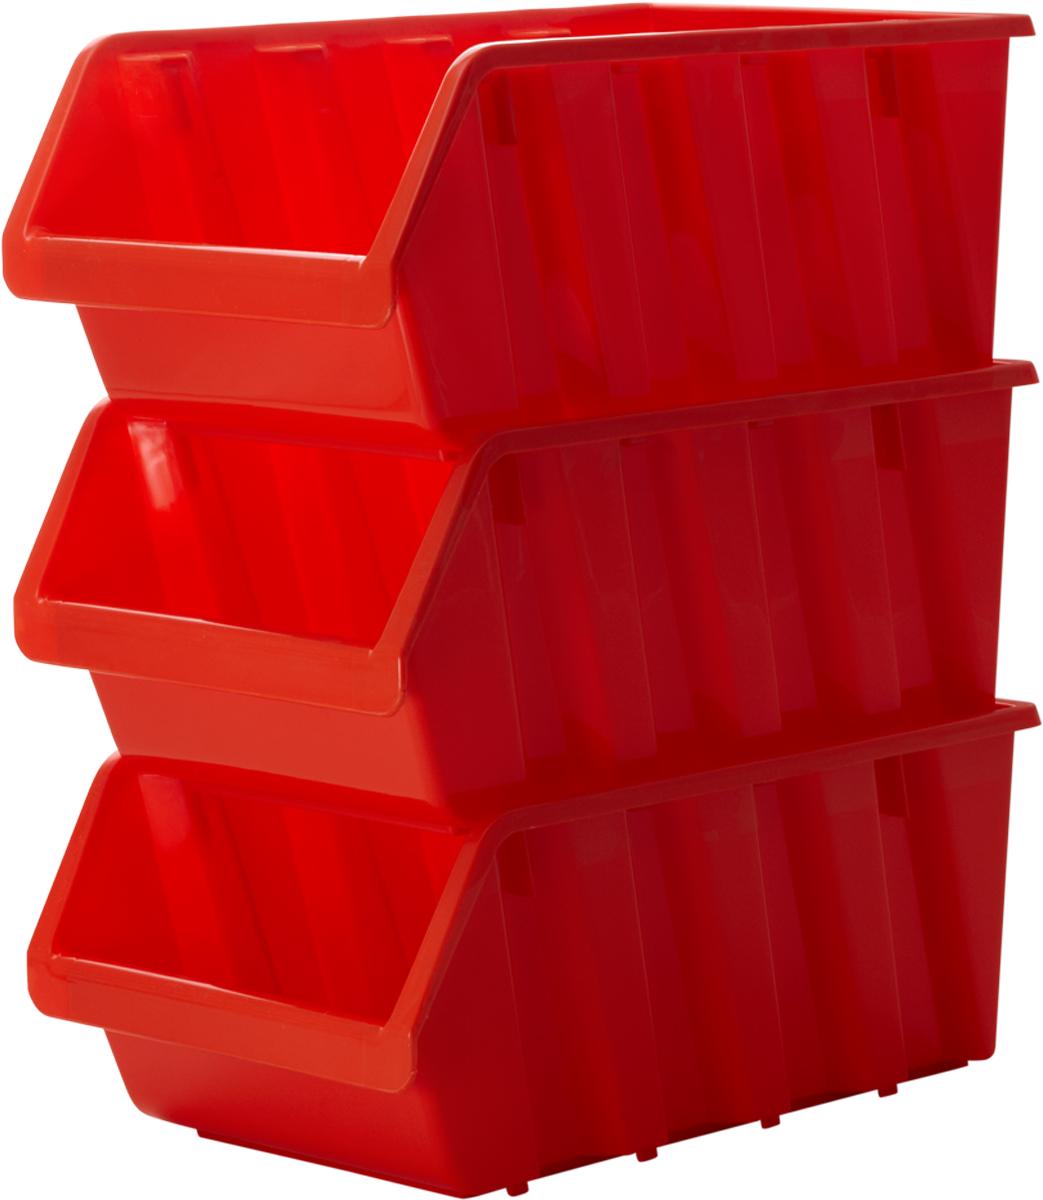 Лоток для метизов Blocker, цвет: оранжевый, 37,5 х 22,5 х 16 смПЦ3742ОРЛоток Blocker, выполненный из высококачественного пластика, предназначен для хранения крепежа и мелкого инструмента. Имеется возможность соединения нескольких лотков одинакового размера в единый блок. Лотки надежно ставятся друг на друга за счет специальной системы крепления. Оптимальная конструкция передней части для удобного вынимания метизов.